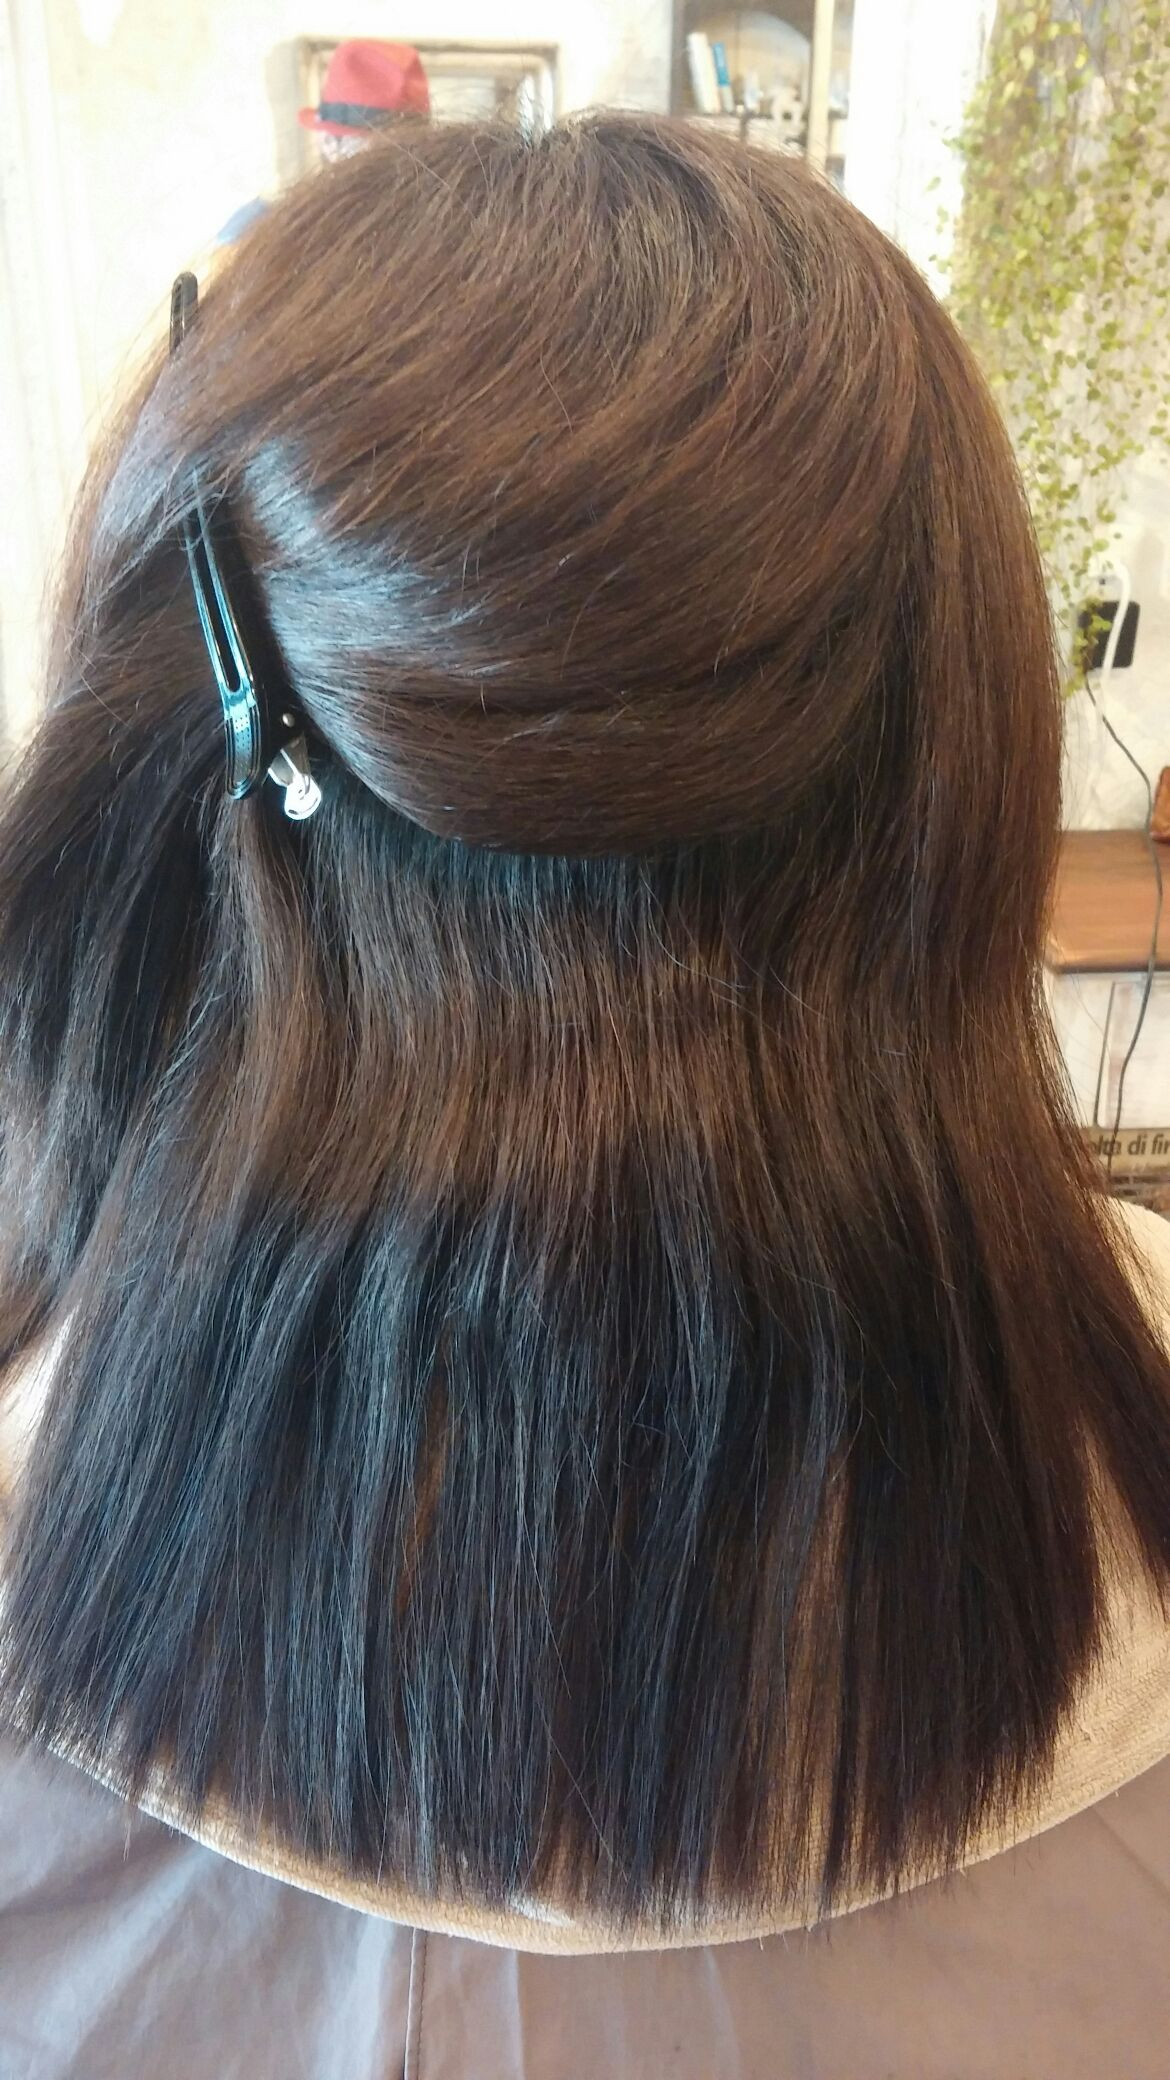 縮毛の矯正と毛先のラウンド。。。_b0210688_18255017.jpg